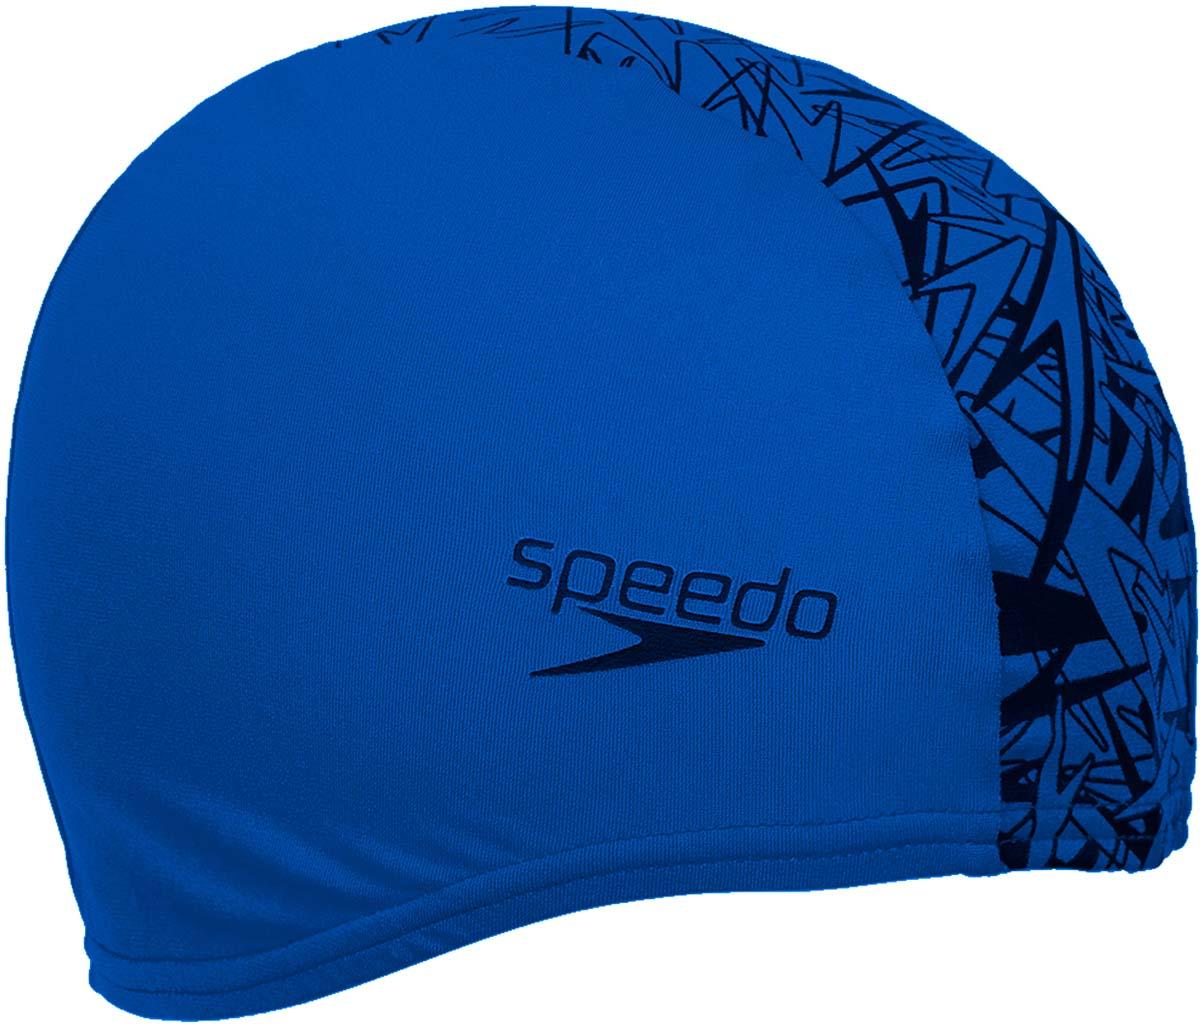 Шапочка для плавания Speedo, цвет: синий, черный